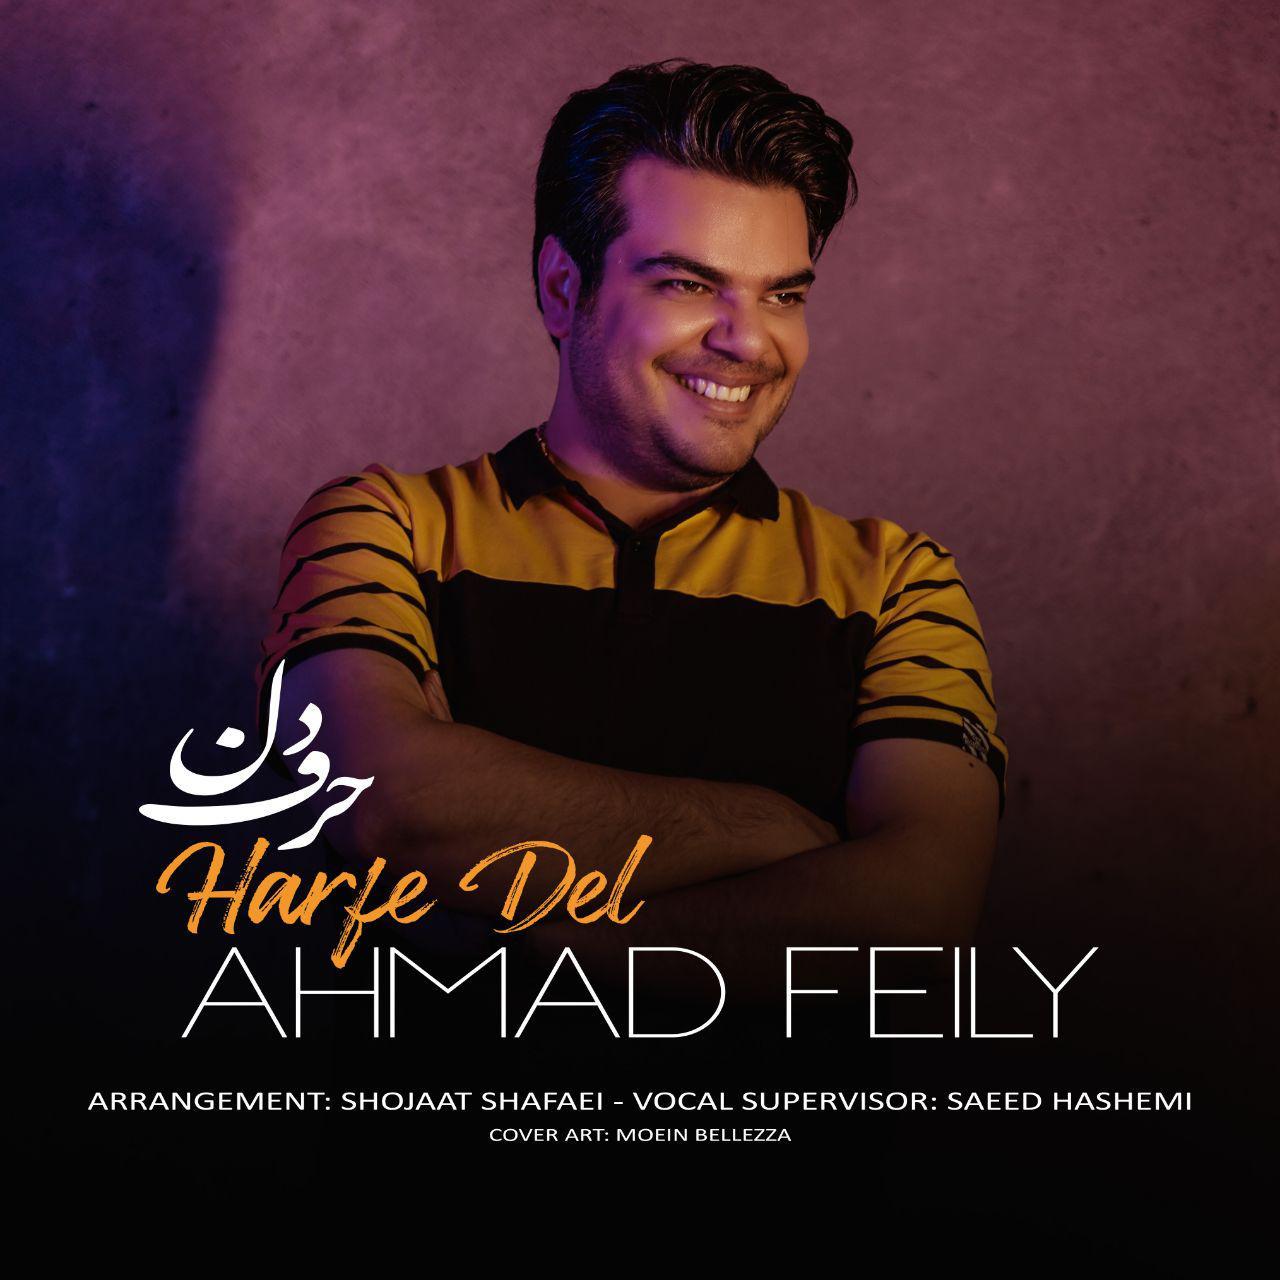 دانلود آهنگ جدید احمد فیلی به نام حرف دل